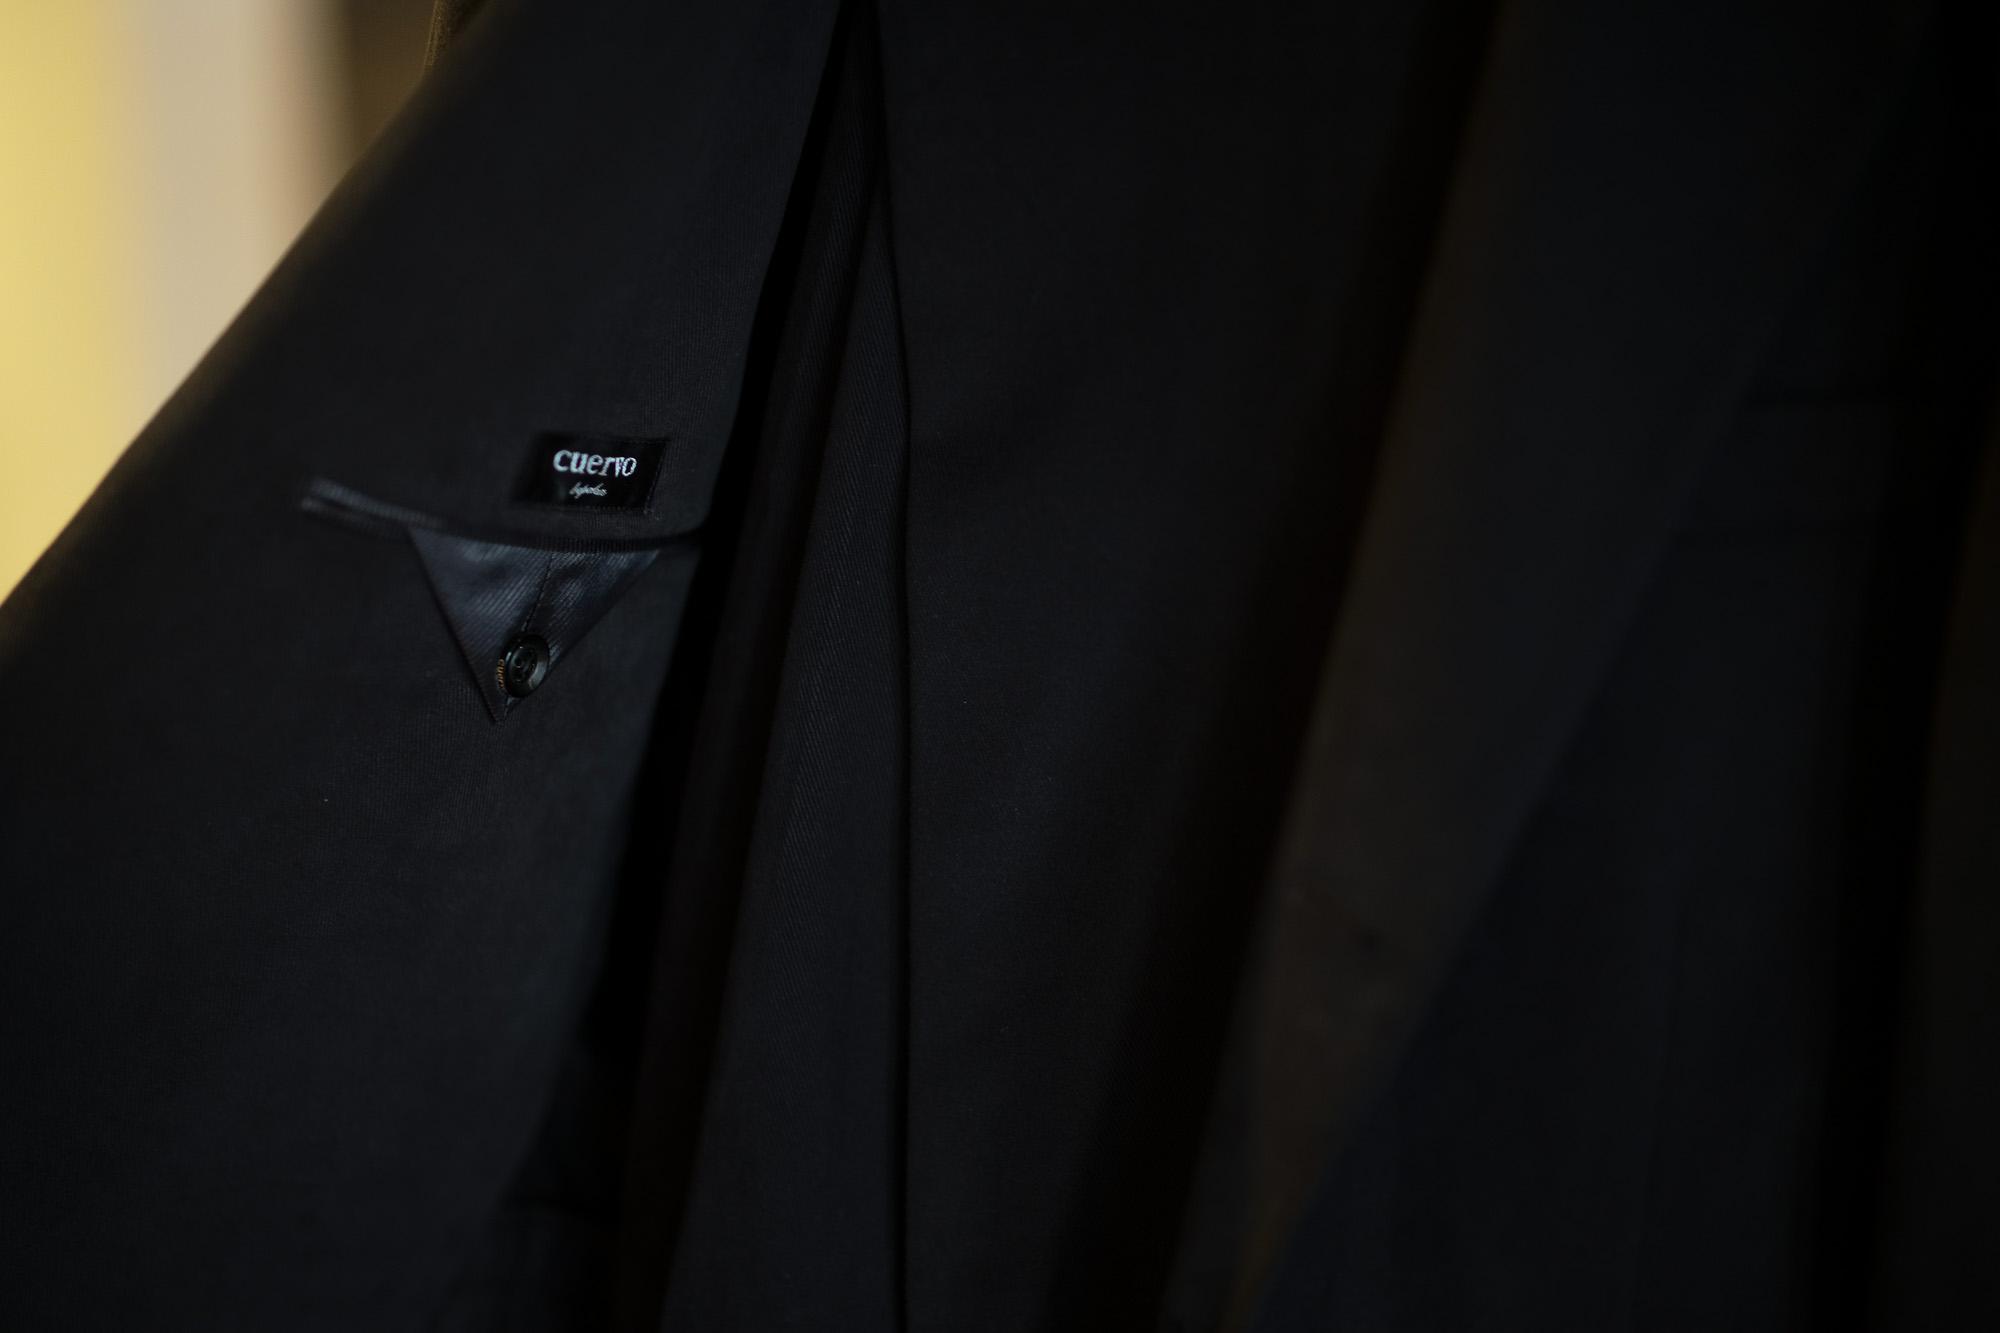 Cuervo (クエルボ) Sartoria Collection (サルトリア コレクション) Rooster (ルースター) STRETCH COTTON ストレッチコットン スーツ BLACK (ブラック) MADE IN JAPAN (日本製) 2019 秋冬【オーダー分入荷】 alto e diritto アルトエデリット